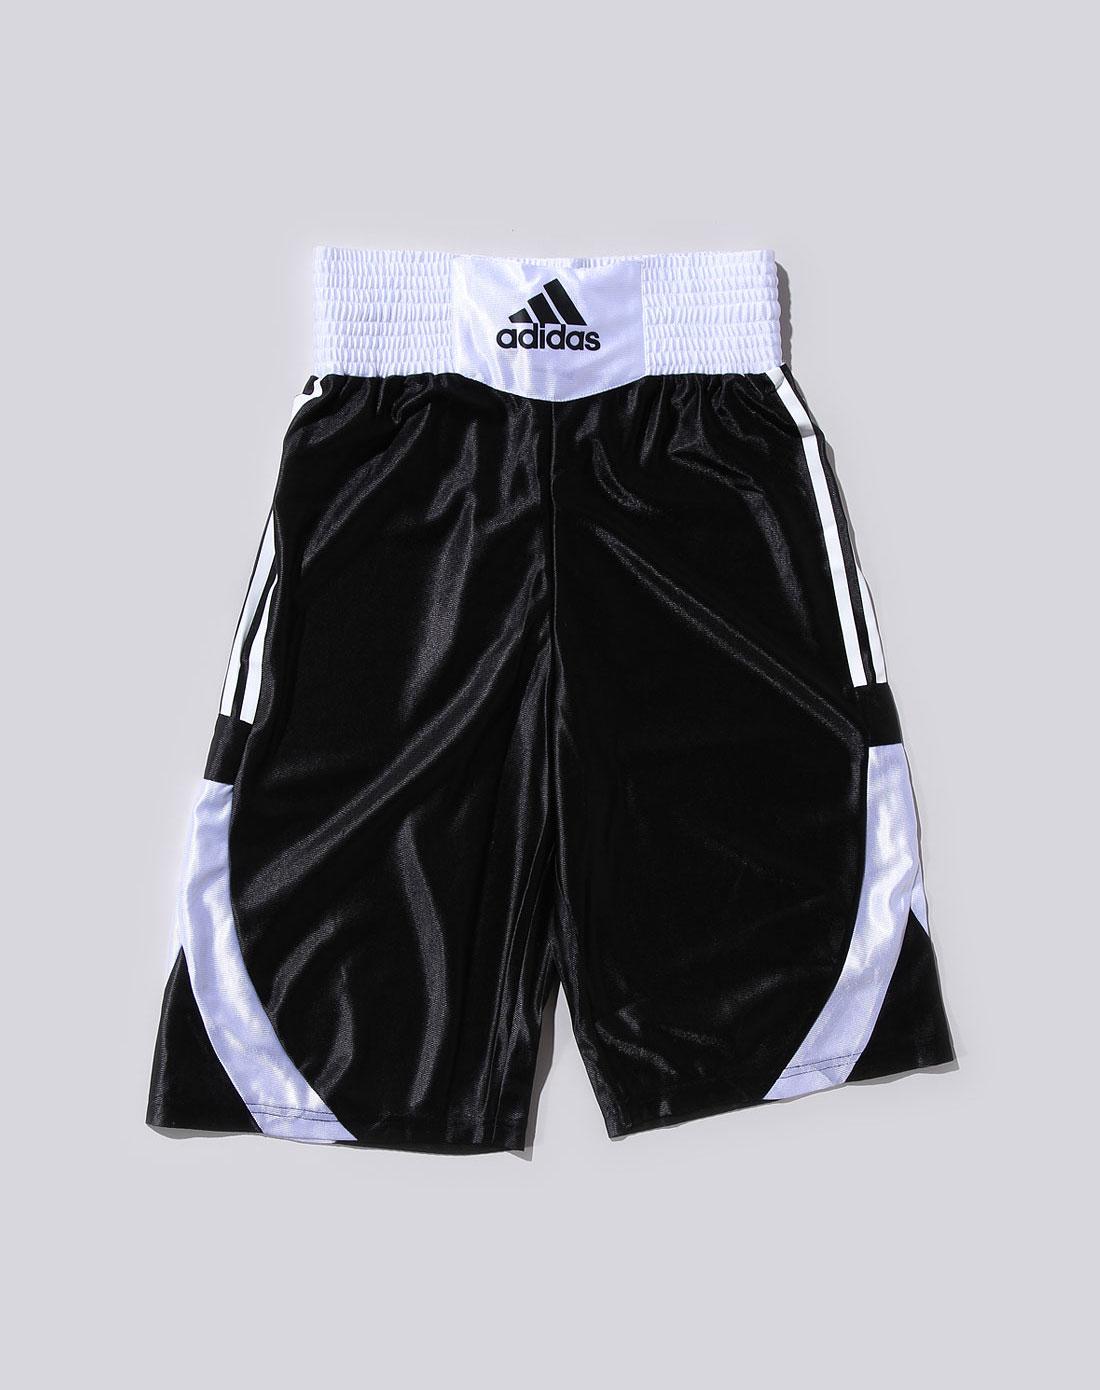 阿迪达斯adidas搏击运动专场-秋季bmi adidas男款黑/白色休闲运动短裤